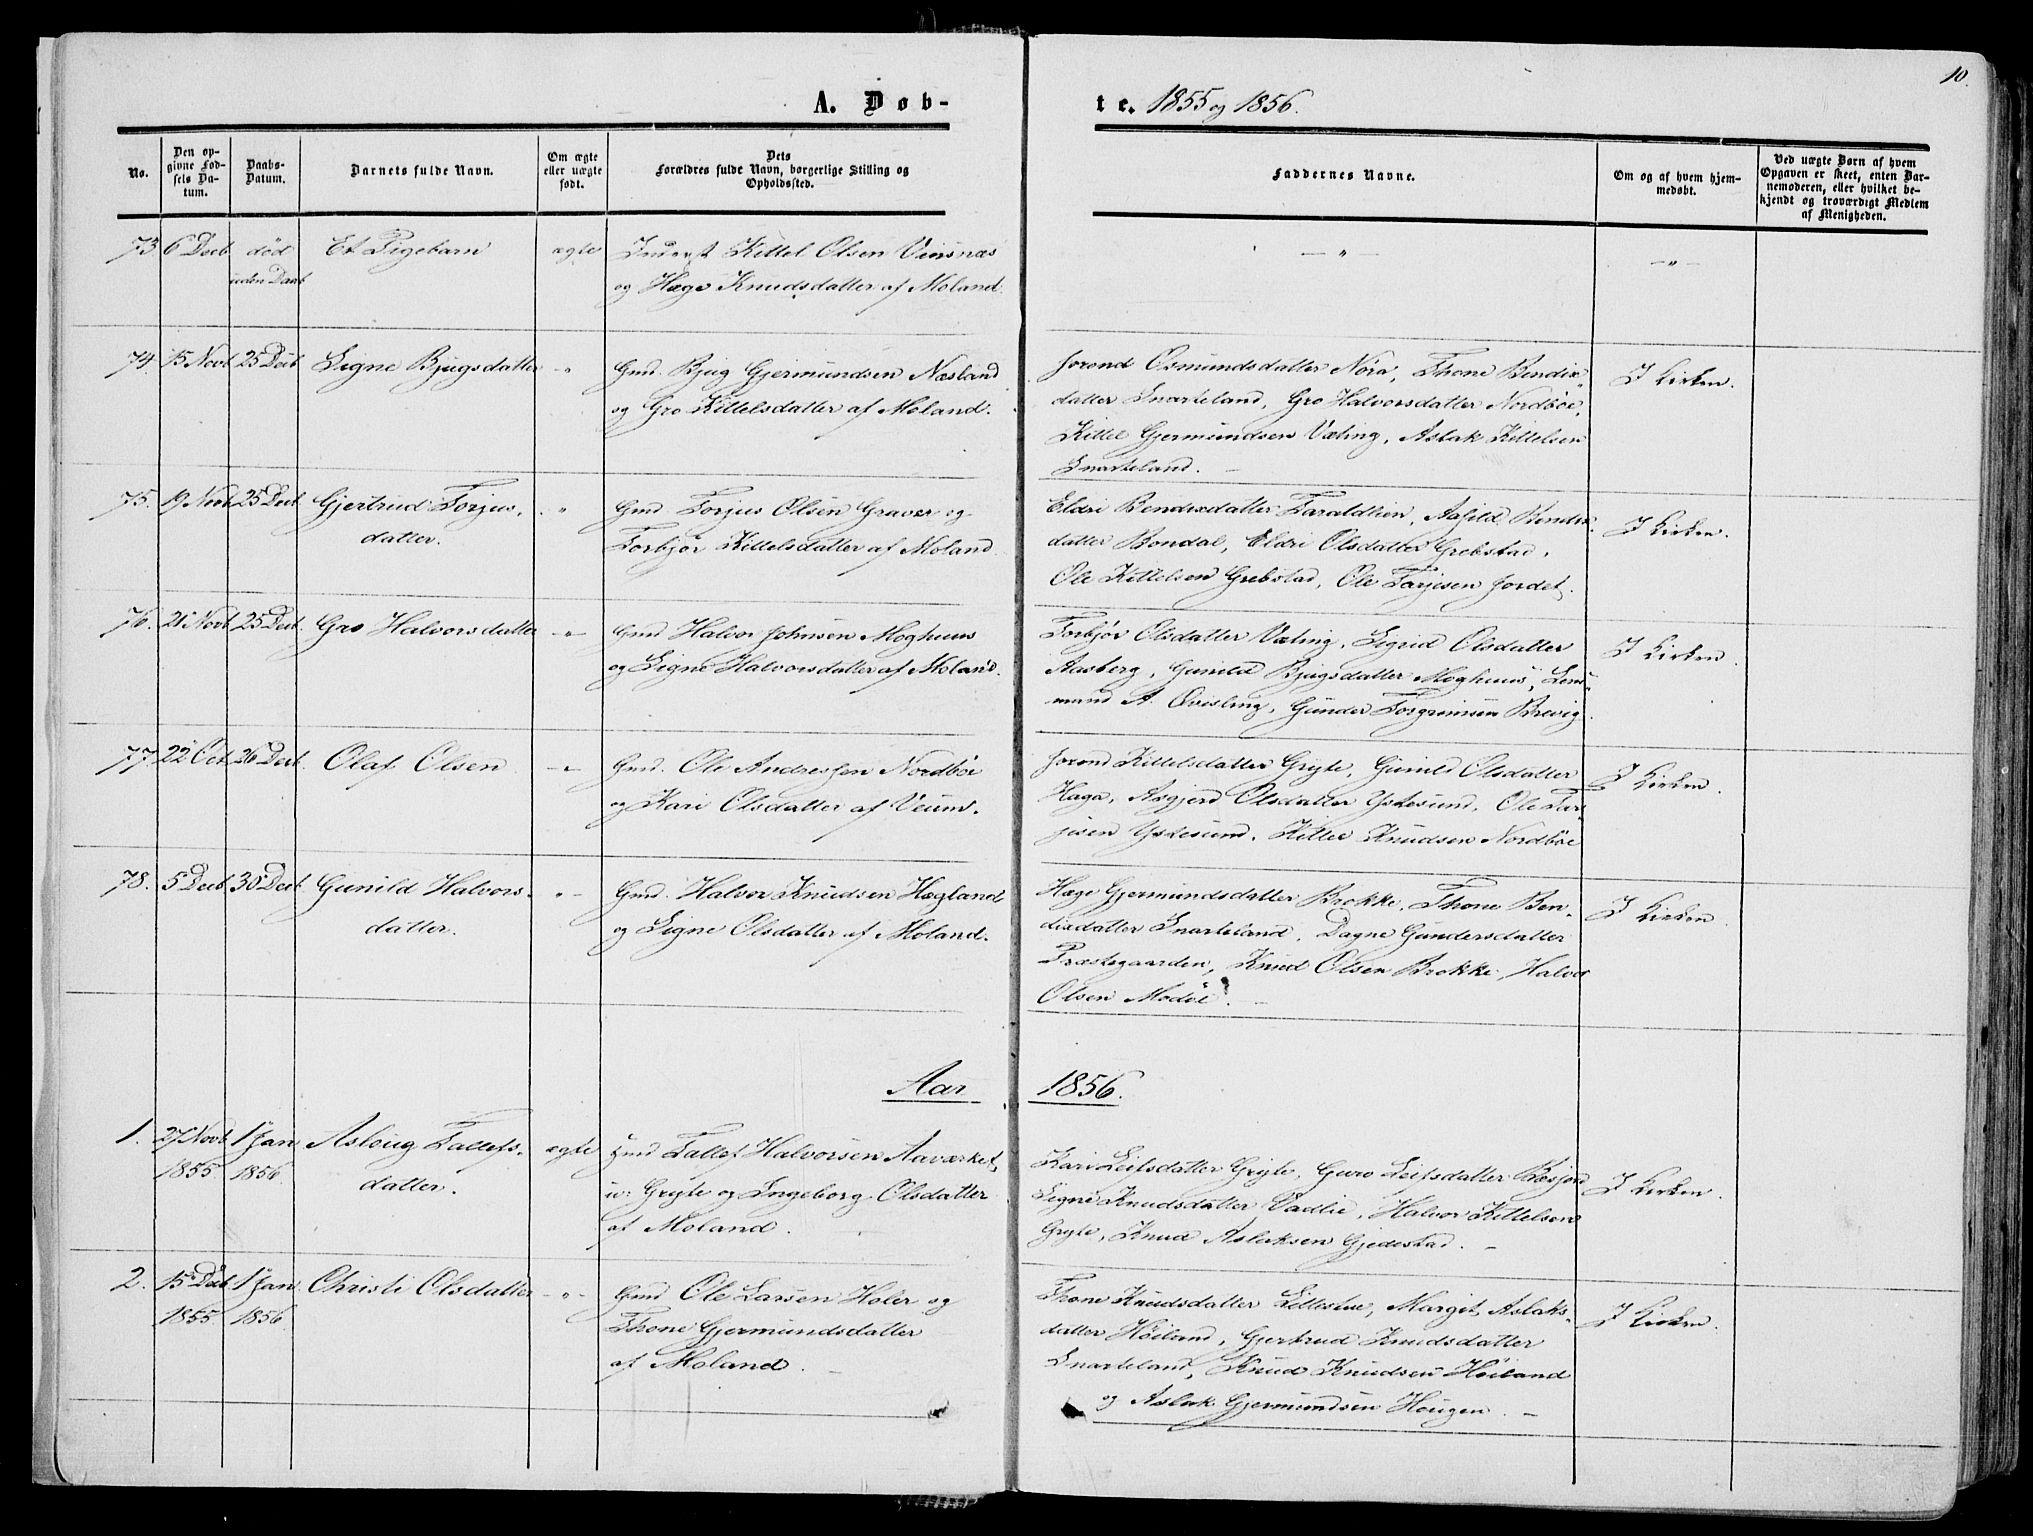 SAKO, Fyresdal kirkebøker, F/Fa/L0005: Ministerialbok nr. I 5, 1855-1871, s. 10